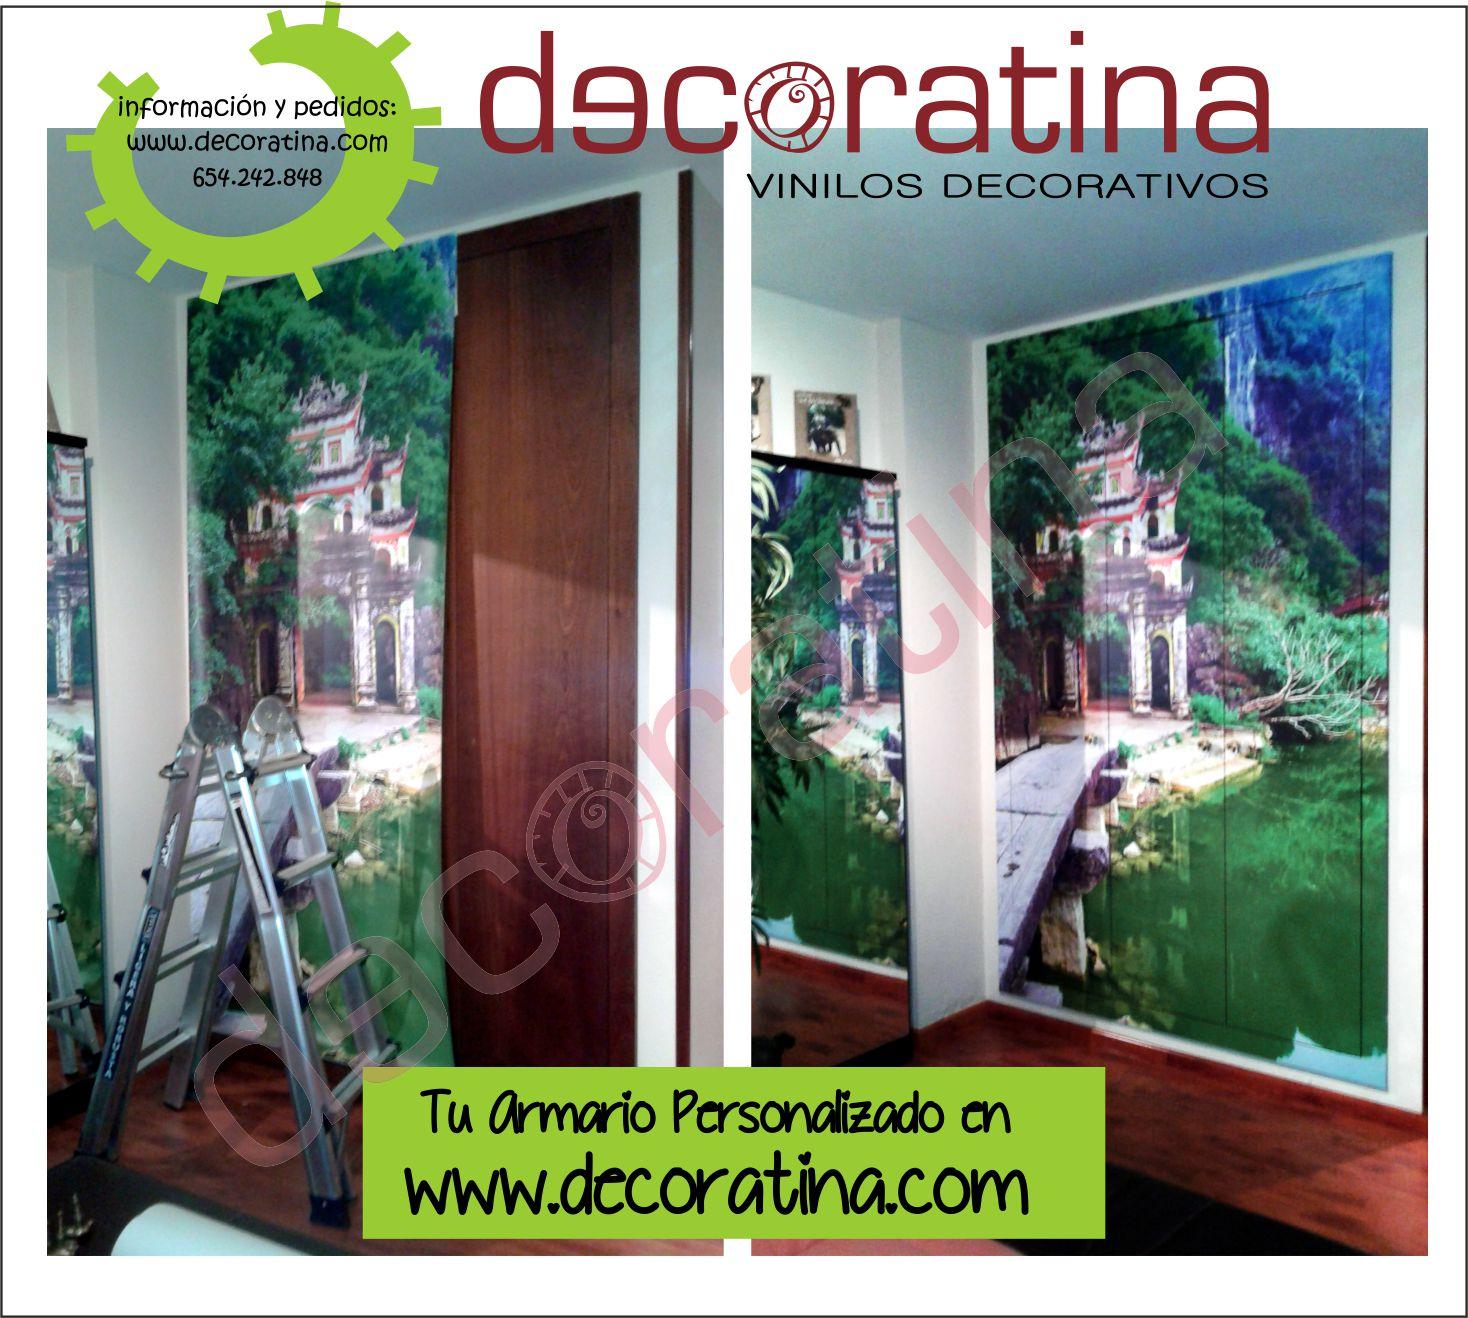 Decoratina Vinilos decorativos en Las Palmas Vinilos las palmas